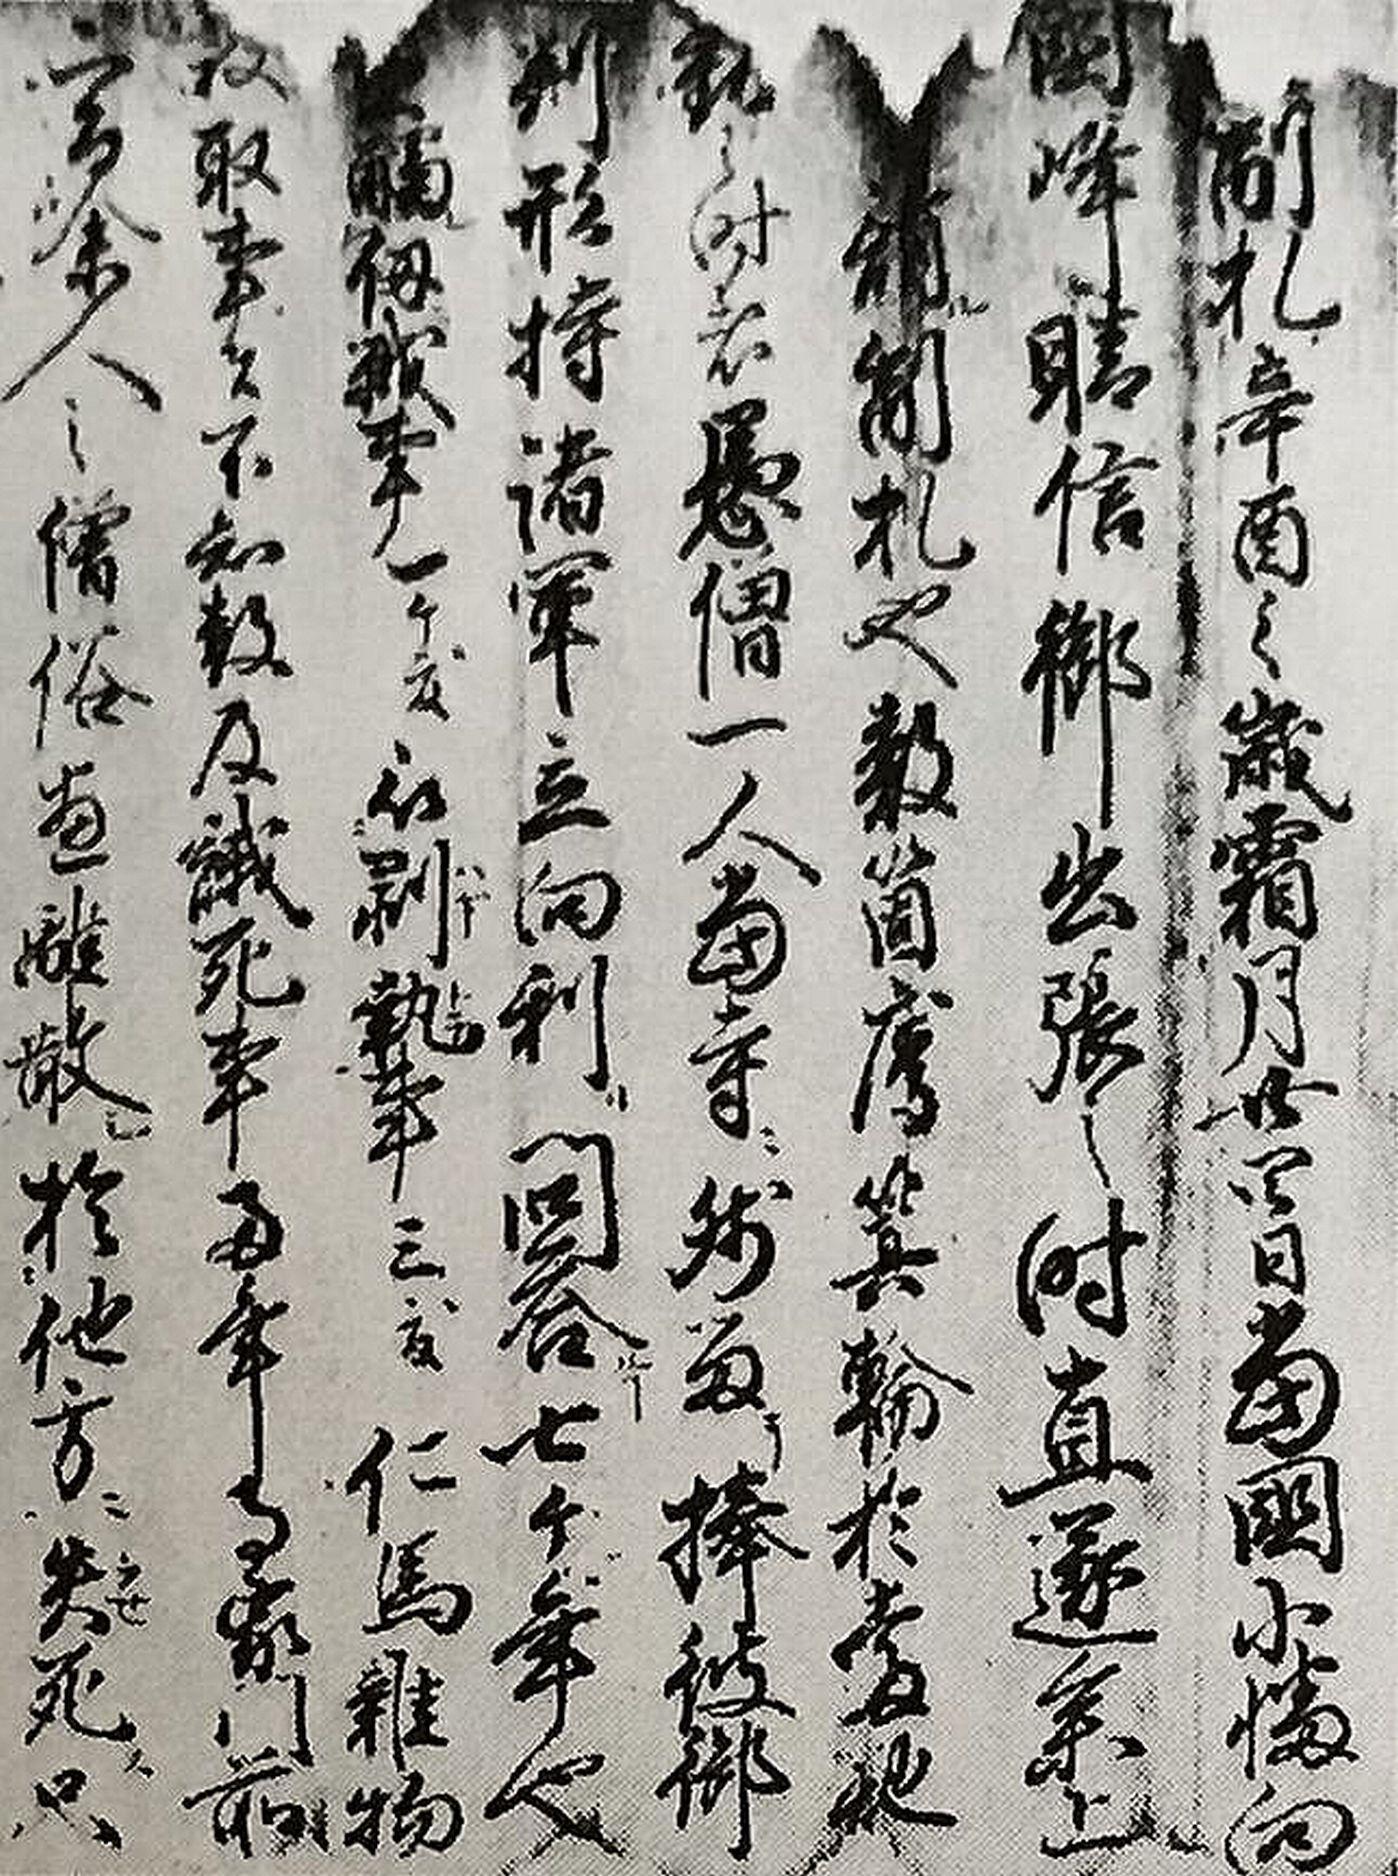 永禄十年三月七日付け受連覚書(a)